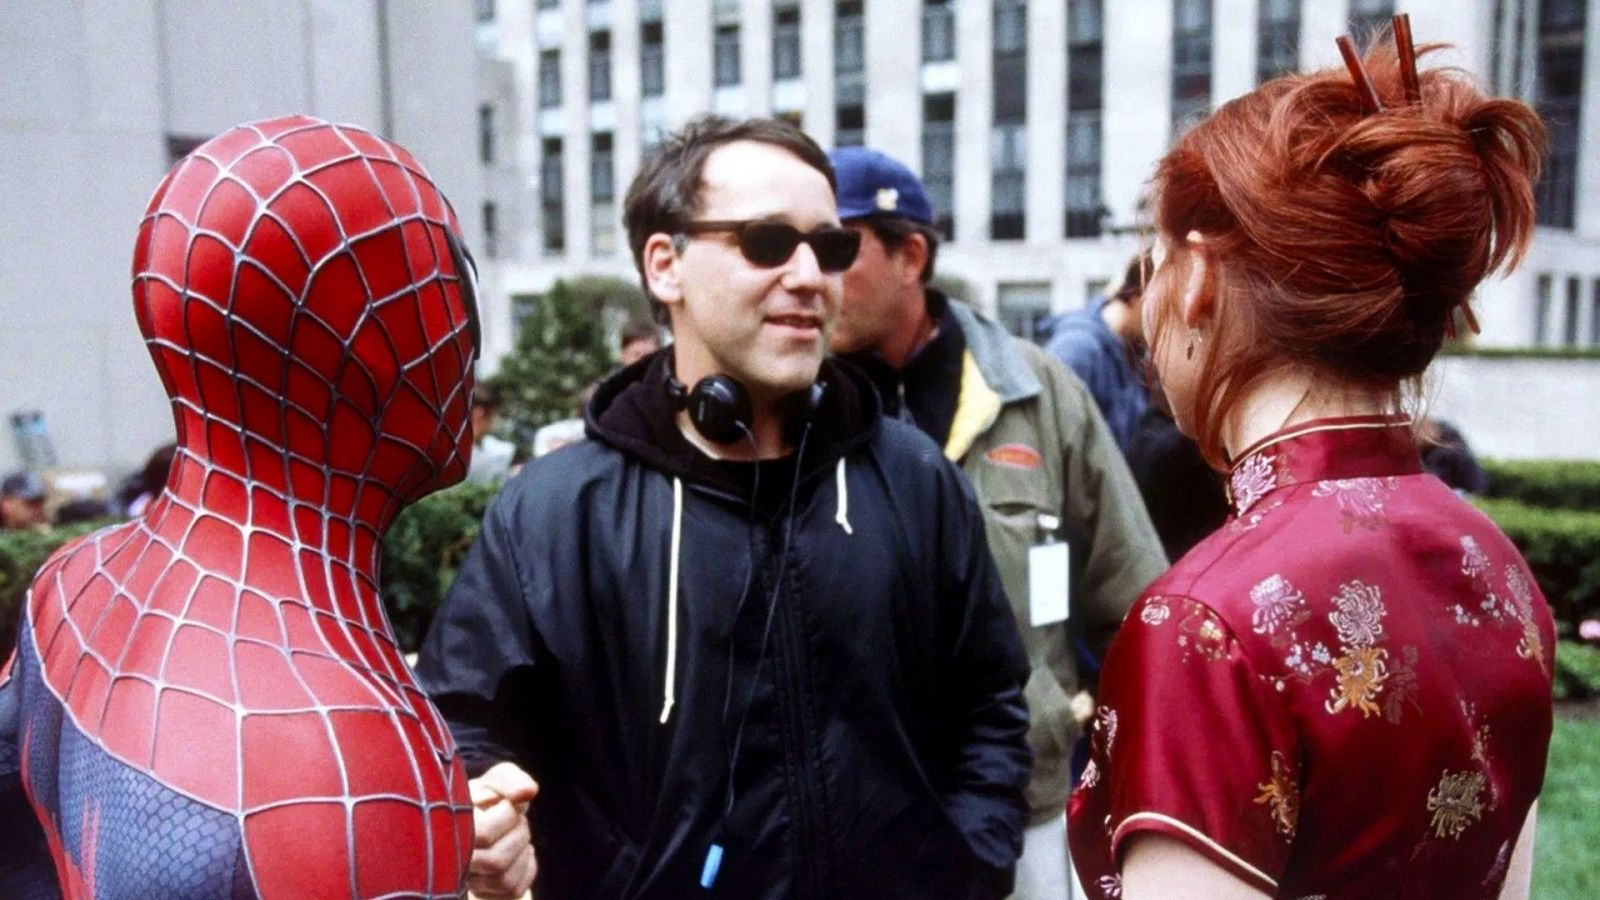 Režisér pôvodnej trilógie Spider-Mana s Tobeym Maguierom natočí Doctor Strange 2. Kedy sa komiksovka dostane do kín a o čom bude?